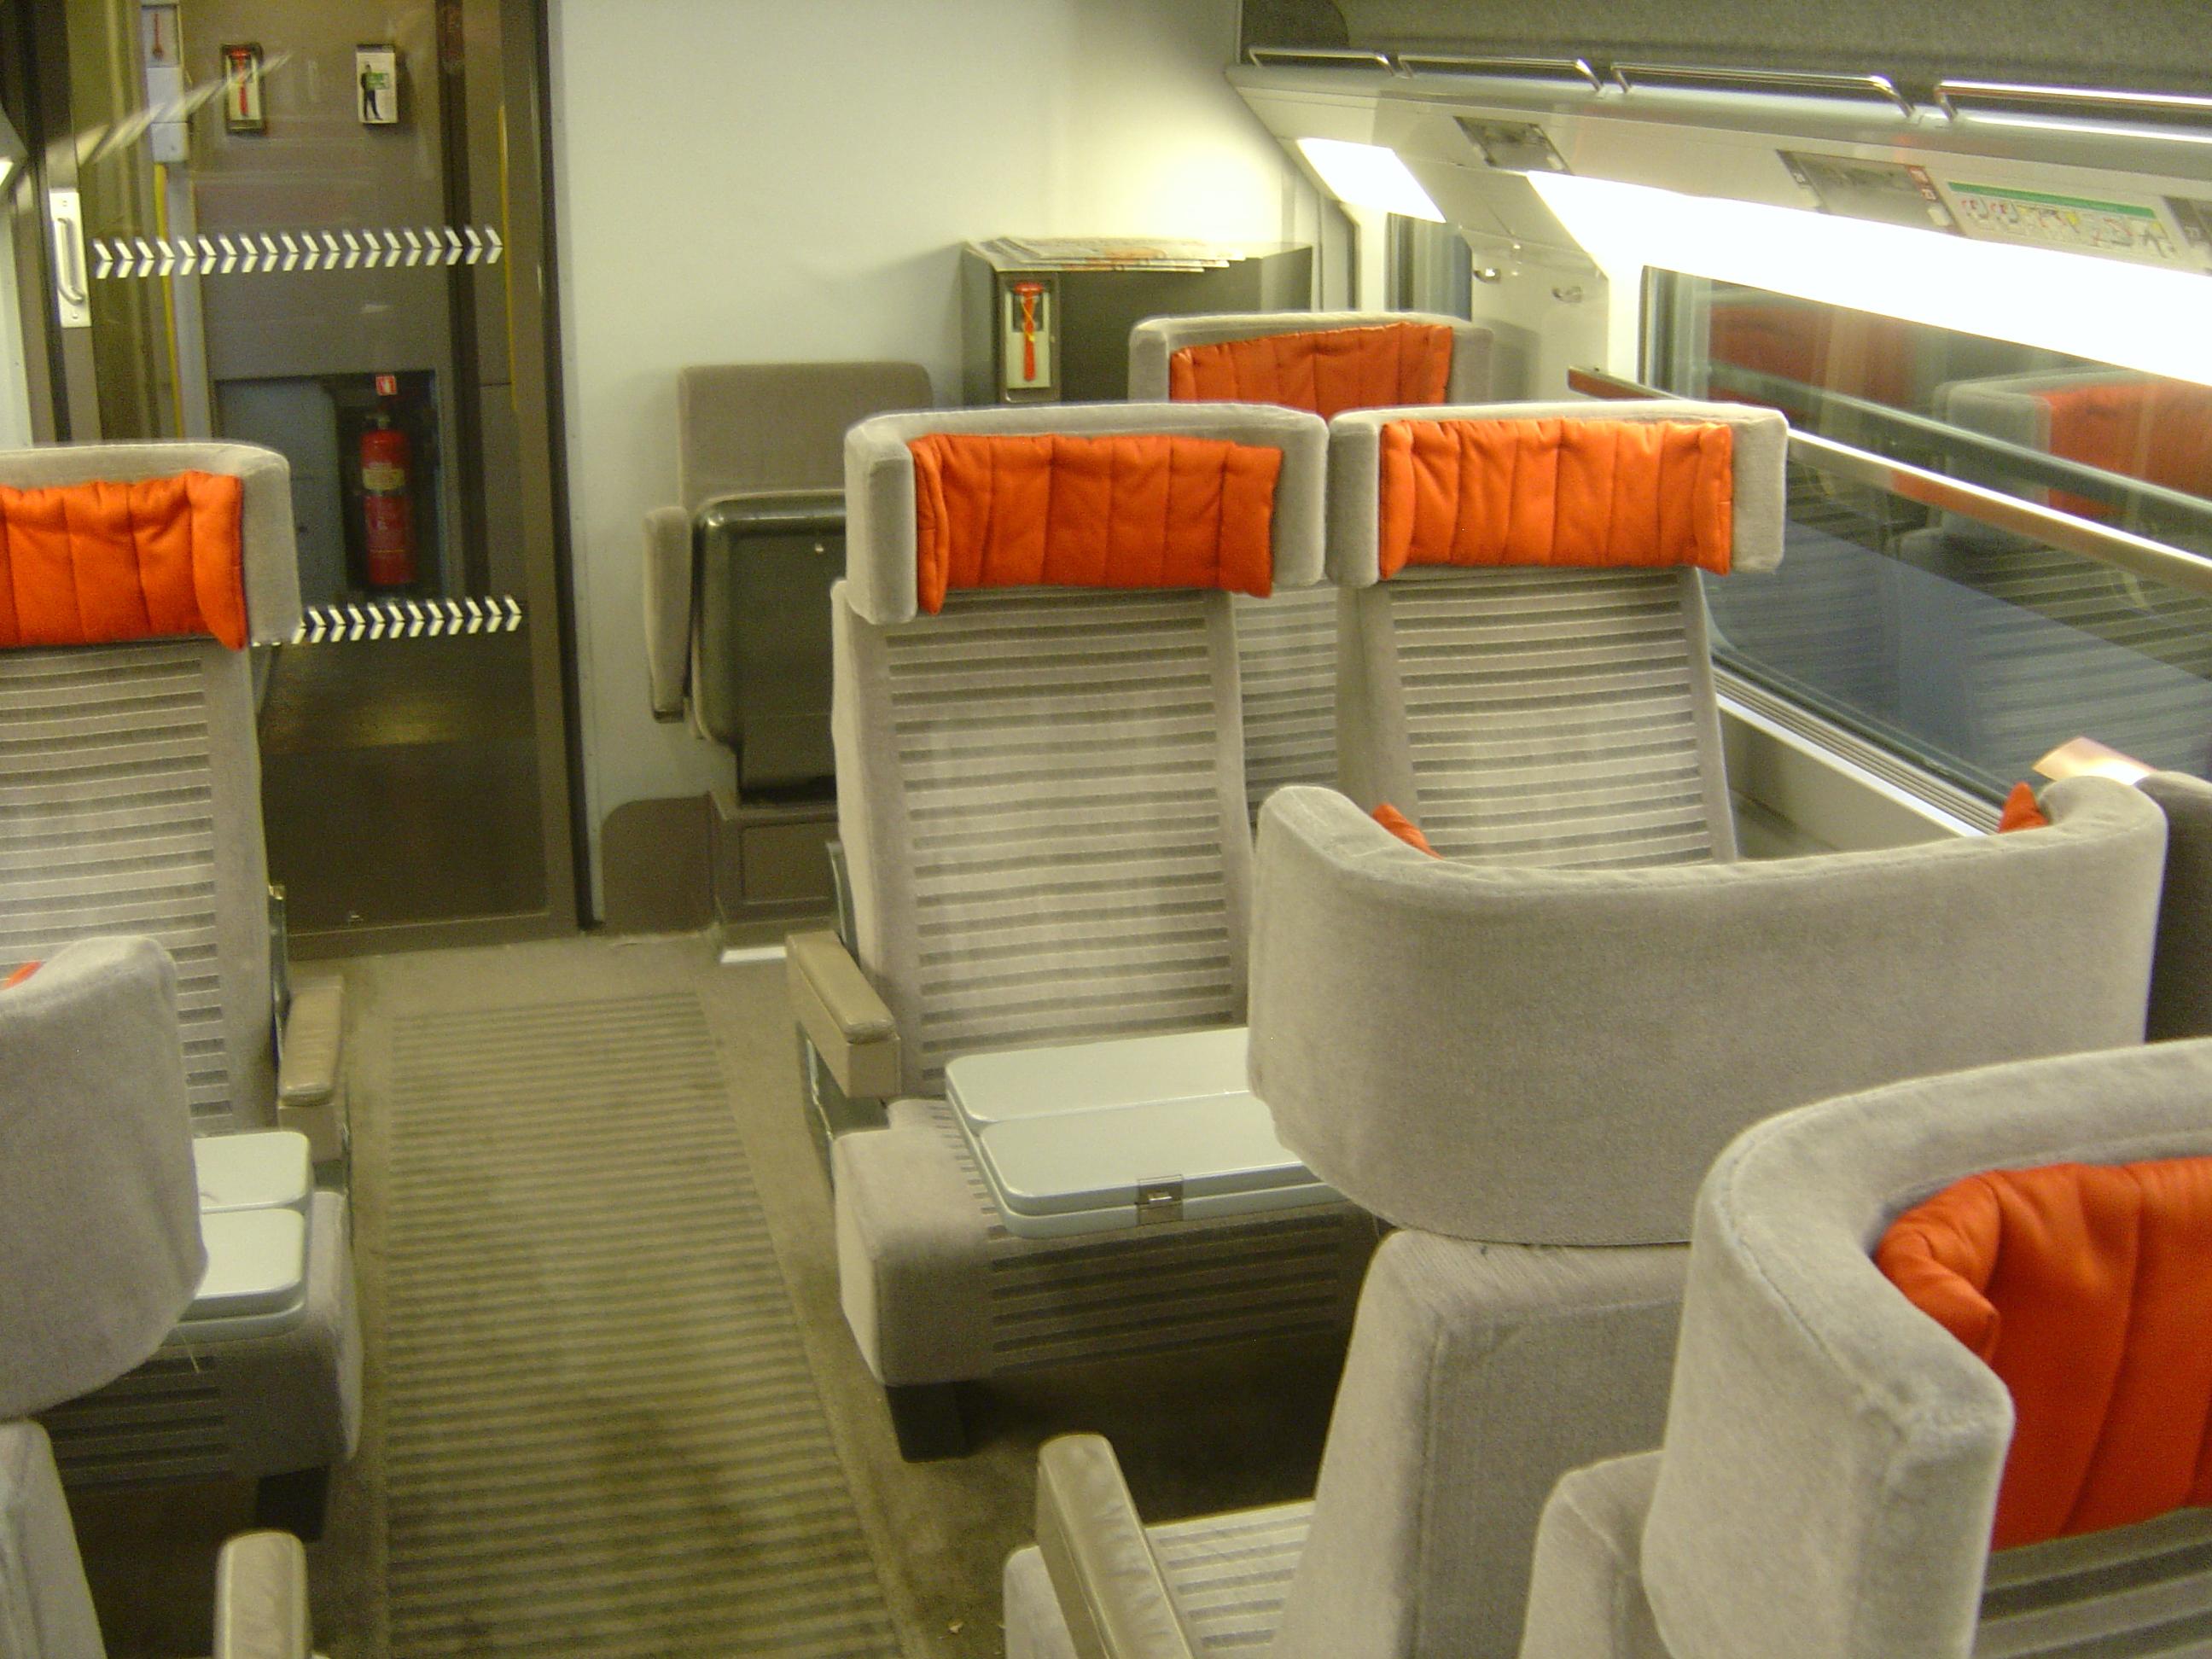 FileEurostar Leisure Select Seatsjpg Wikipedia